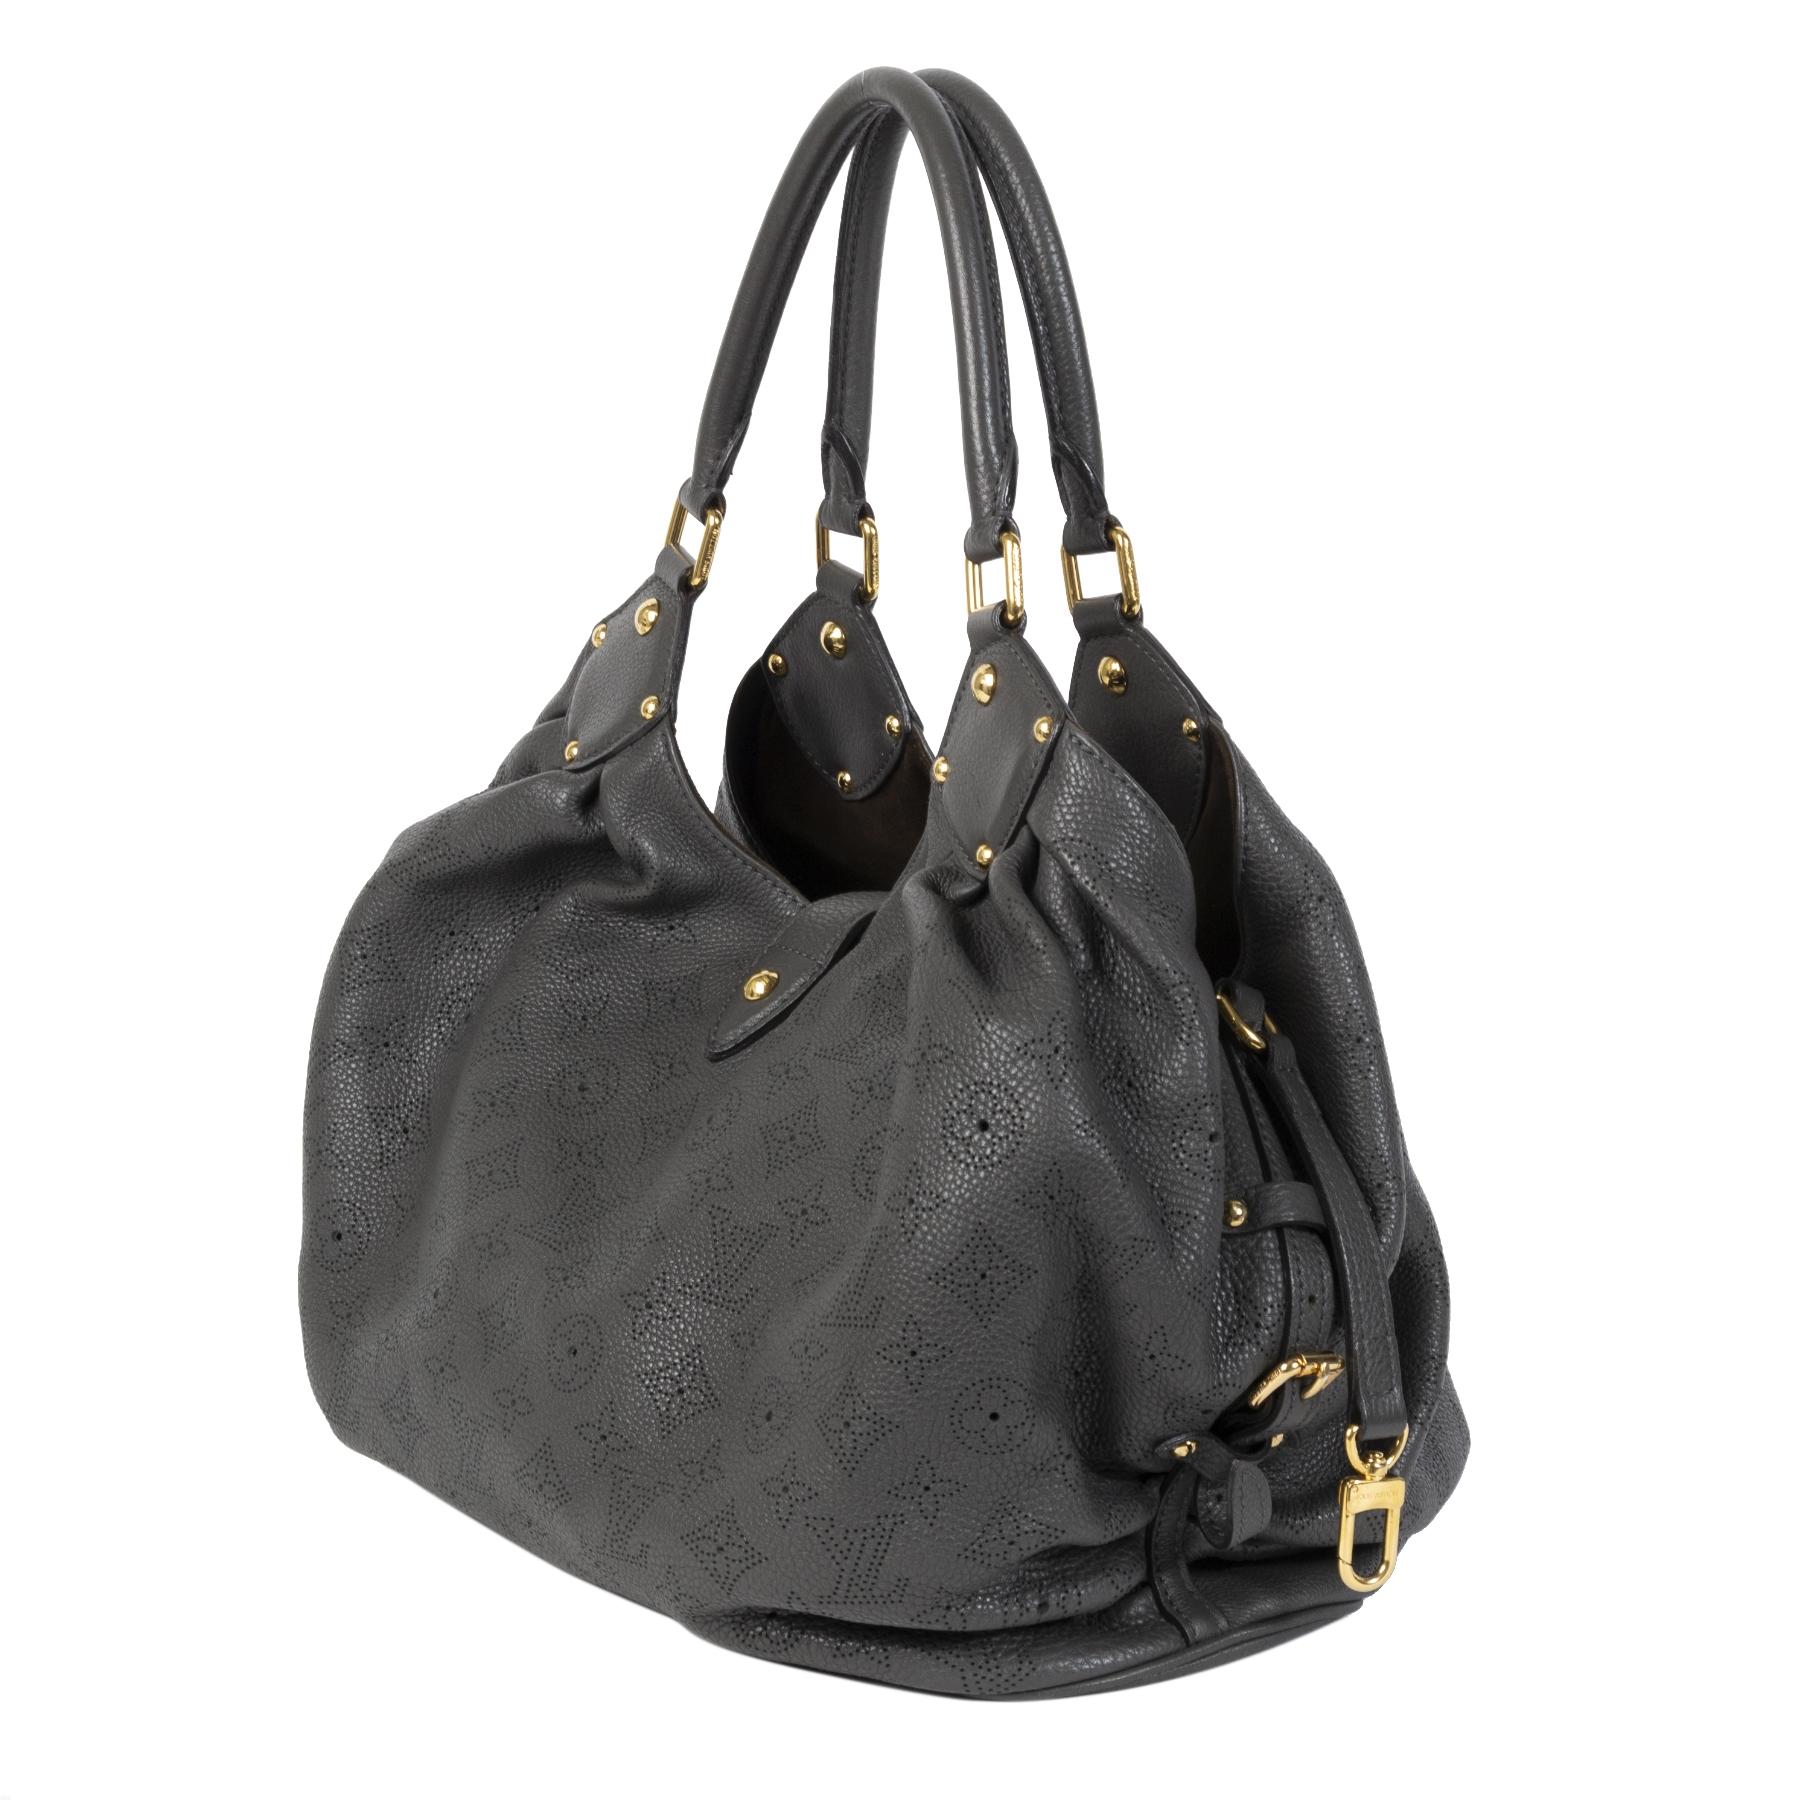 Authentique seconde main Louis Vuitton Grey Mahina Shoulder Bag achète en ligne webshop LabelLOV